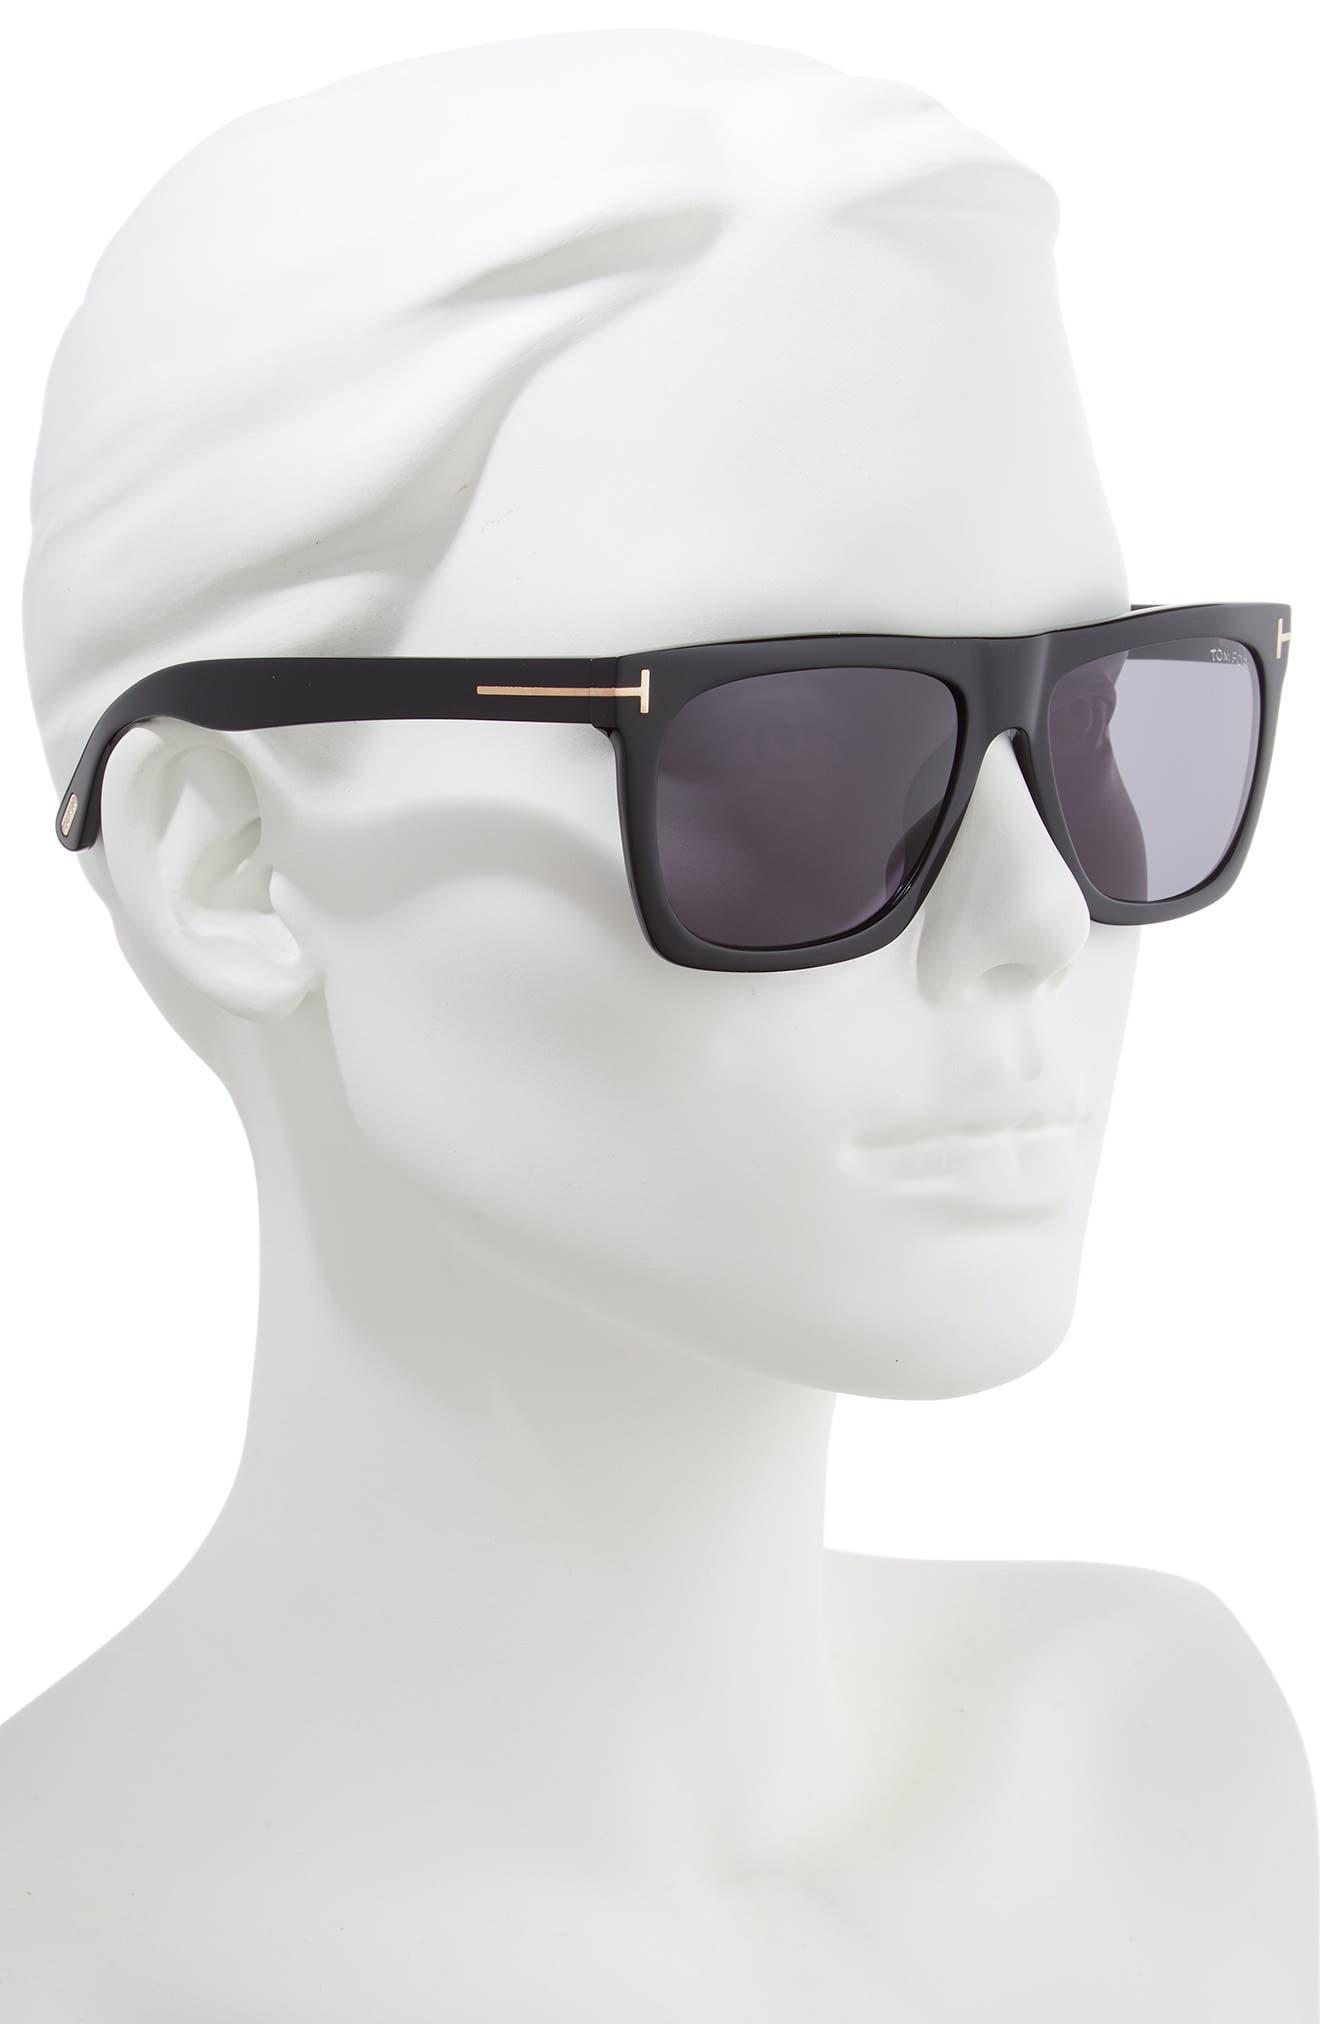 Morgan 57mm Sunglasses,                             Alternate thumbnail 2, color,                             SHINY BLACK / SMOKE